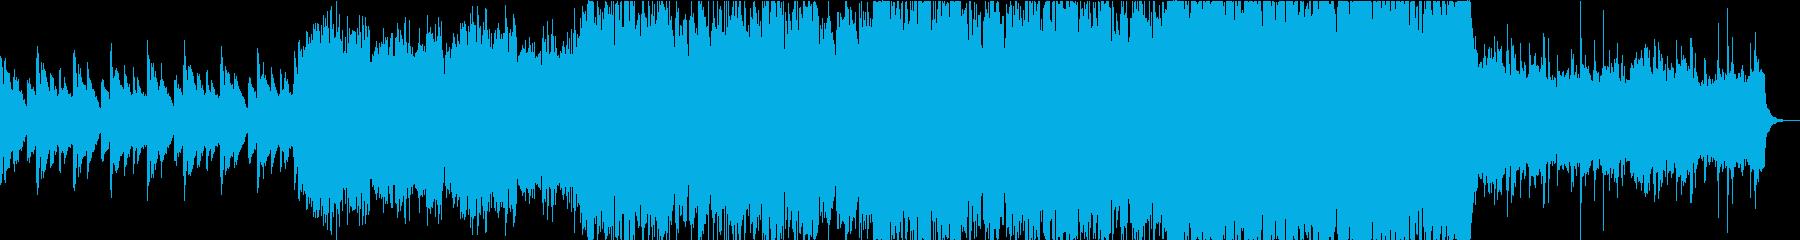 【劇版・サントラ】荘厳な激情ストリングスの再生済みの波形